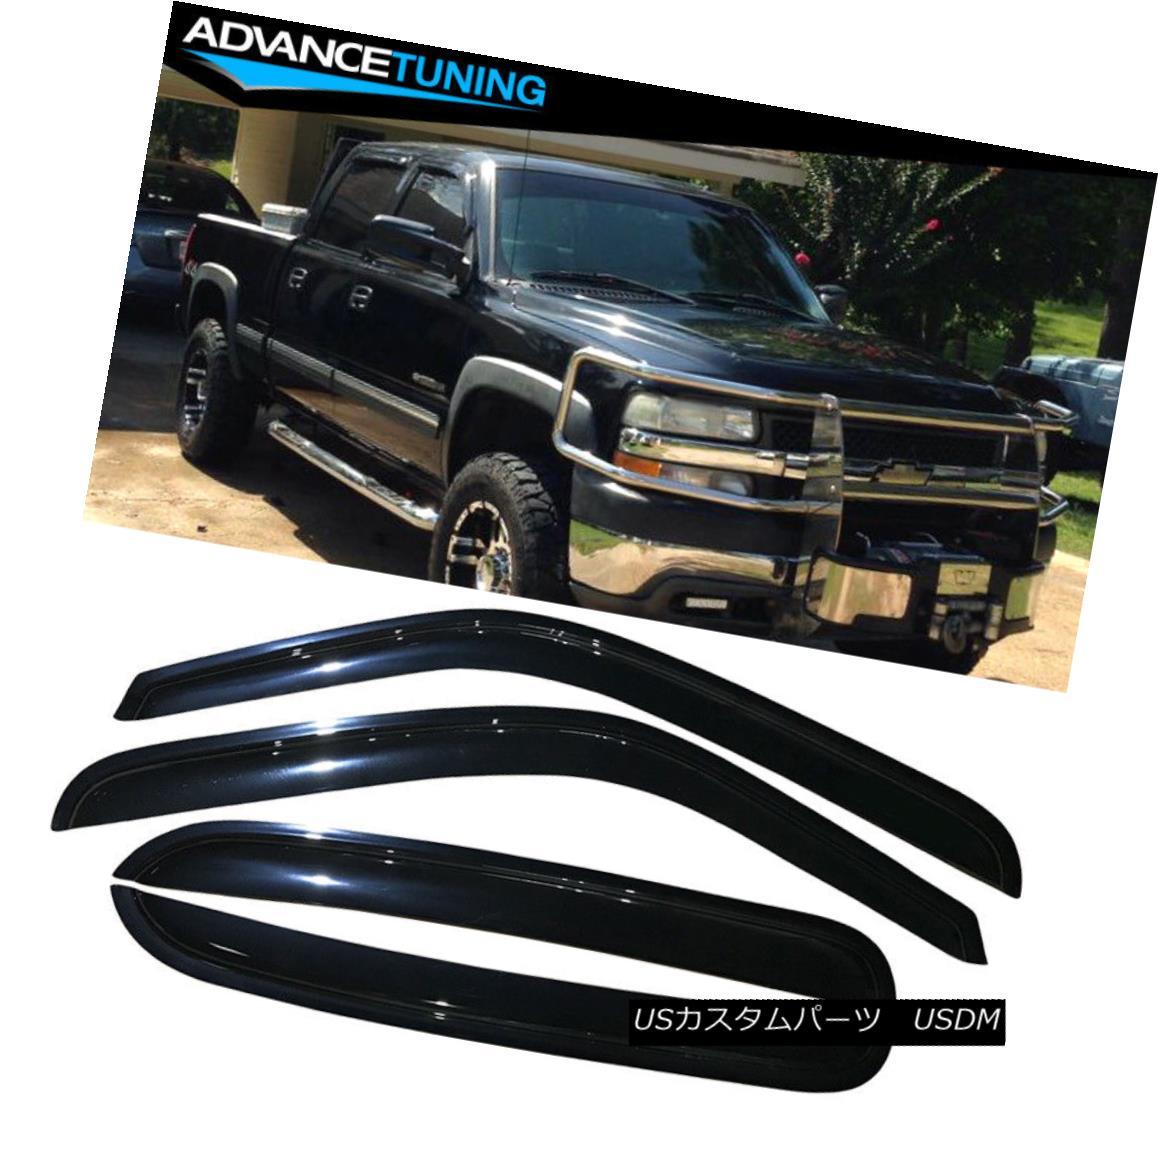 2020人気特価 エアロパーツ Fits 01-06 Chevy Silverado GMC Sierra Acrylic Window Visors 4Pc フィット01-06シボレーシルバラードGMCシエラアクリルウィンドウバイザー4Pc, セタカマチ 9dd64e35